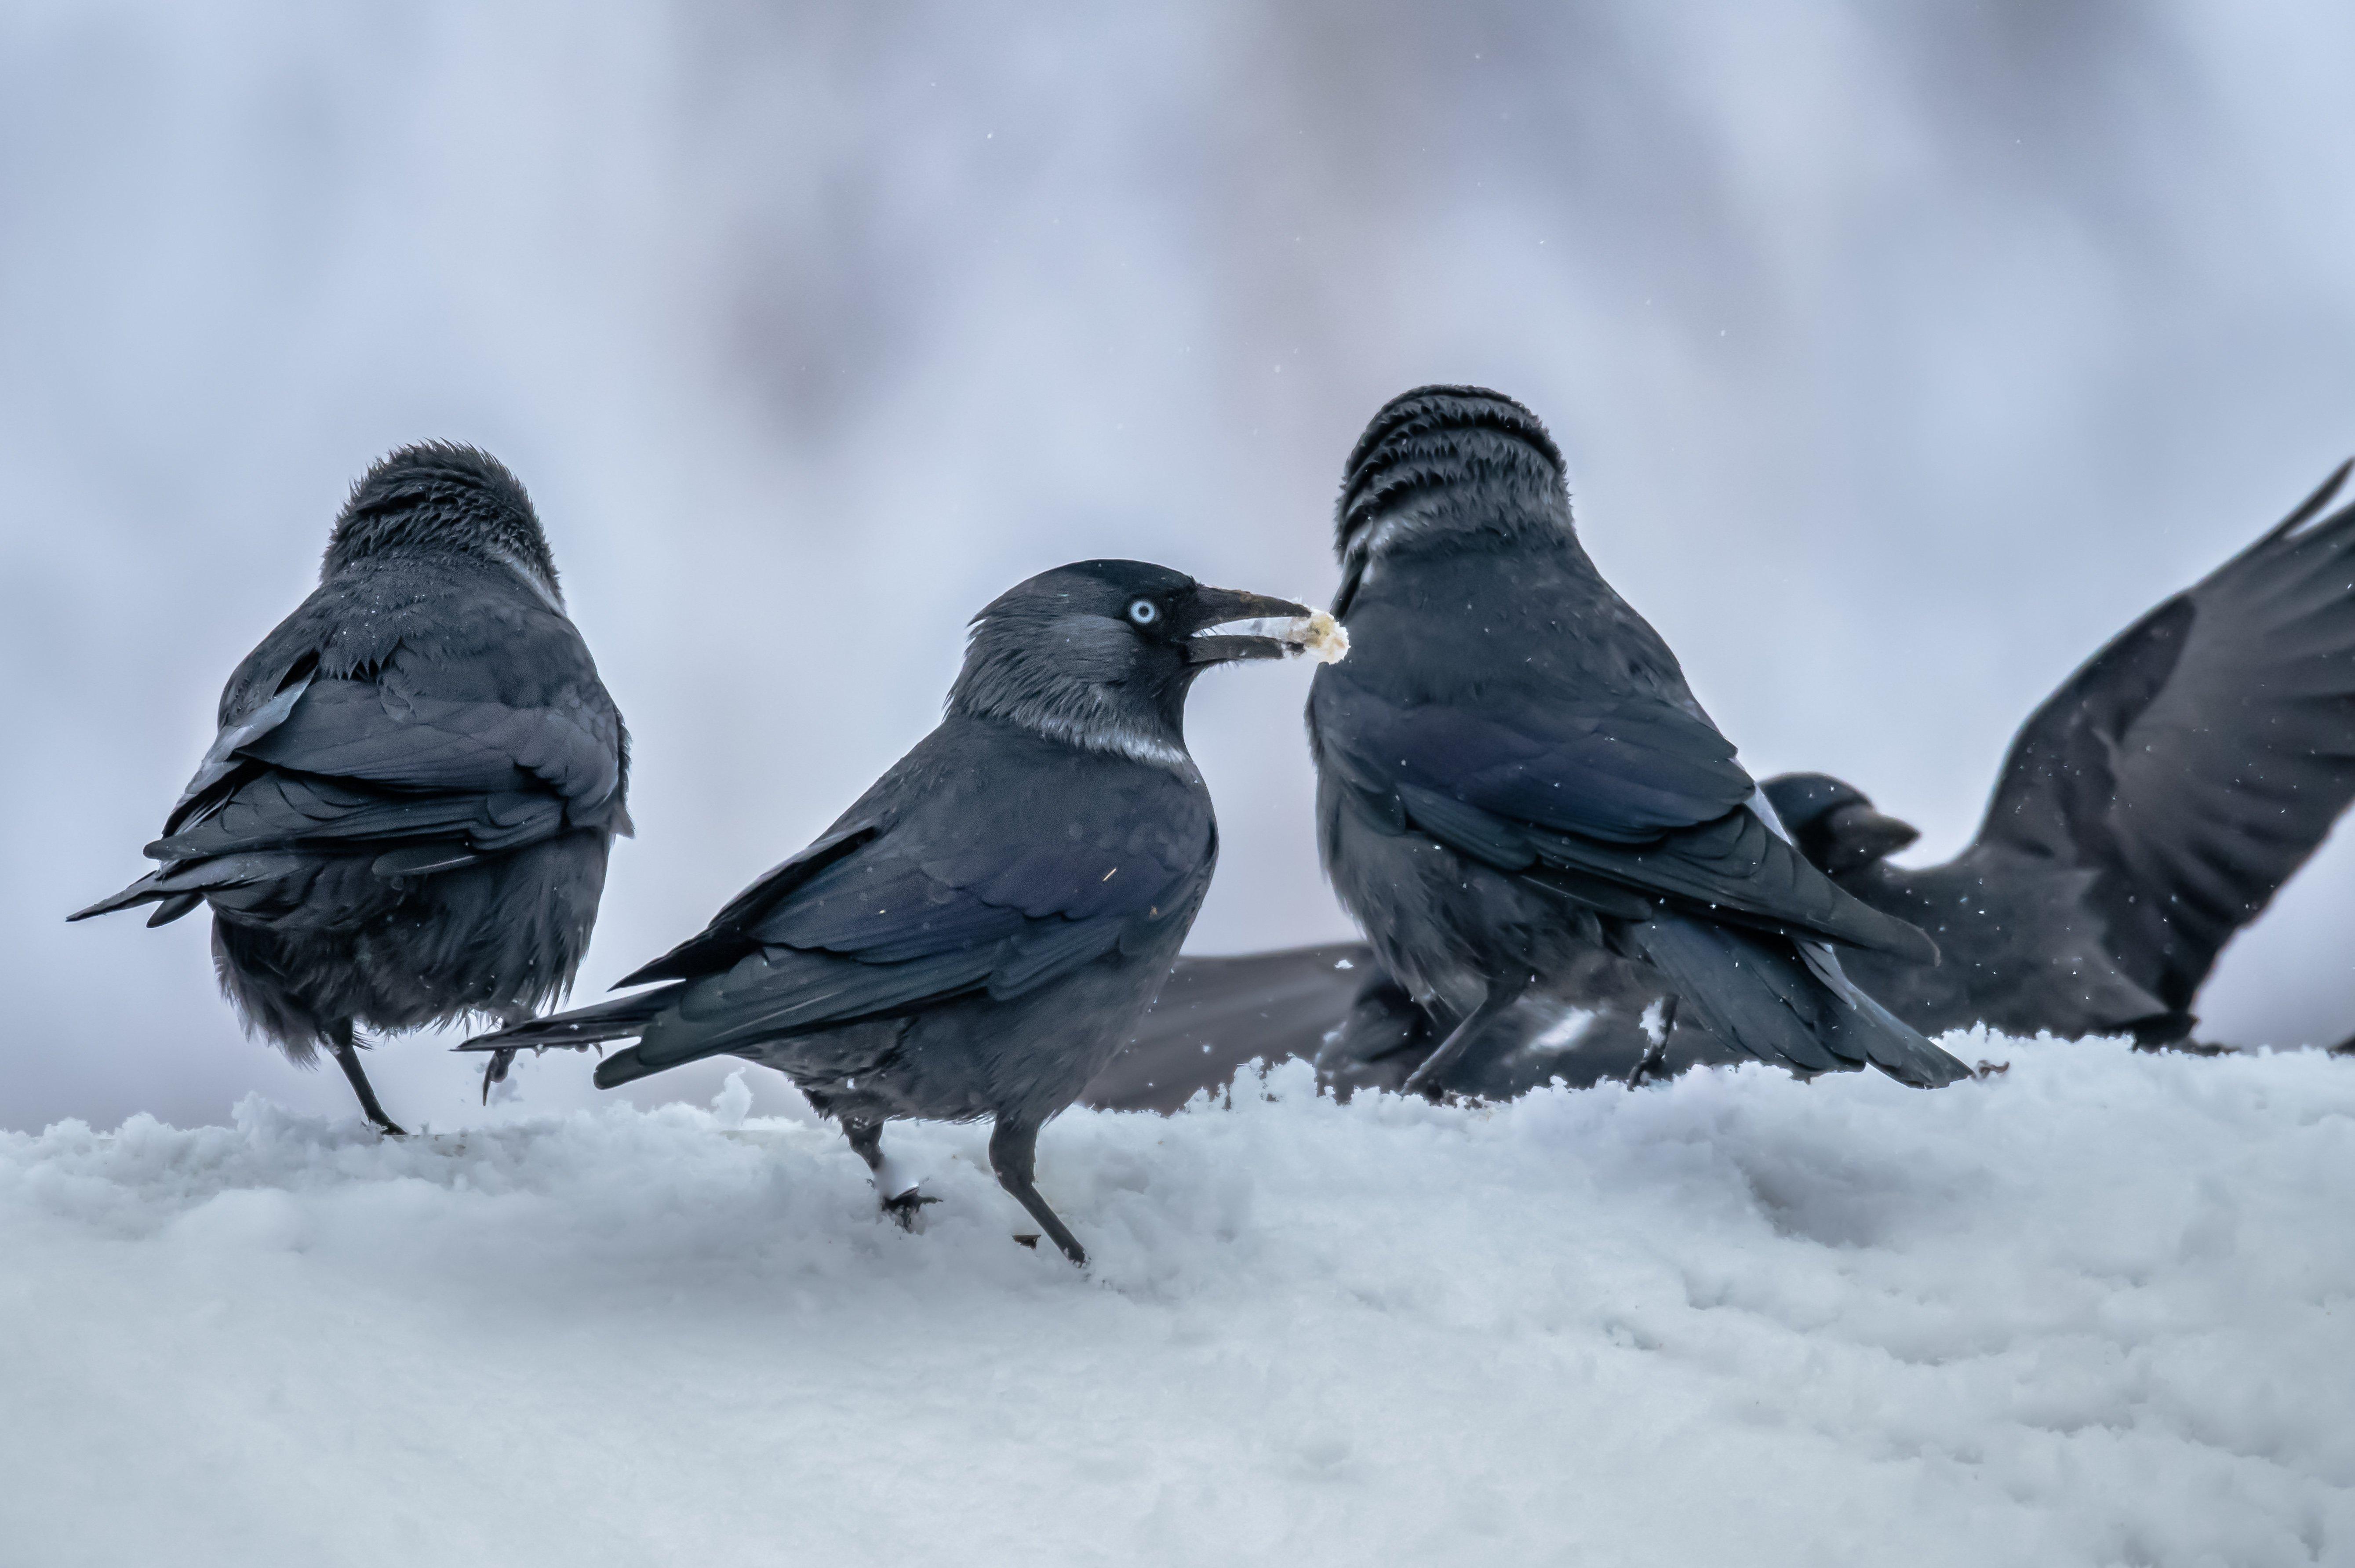 галки, птицы, снег, зима, снегопад, гуляния, праздник,corvus monedula, Соварцева Ксения